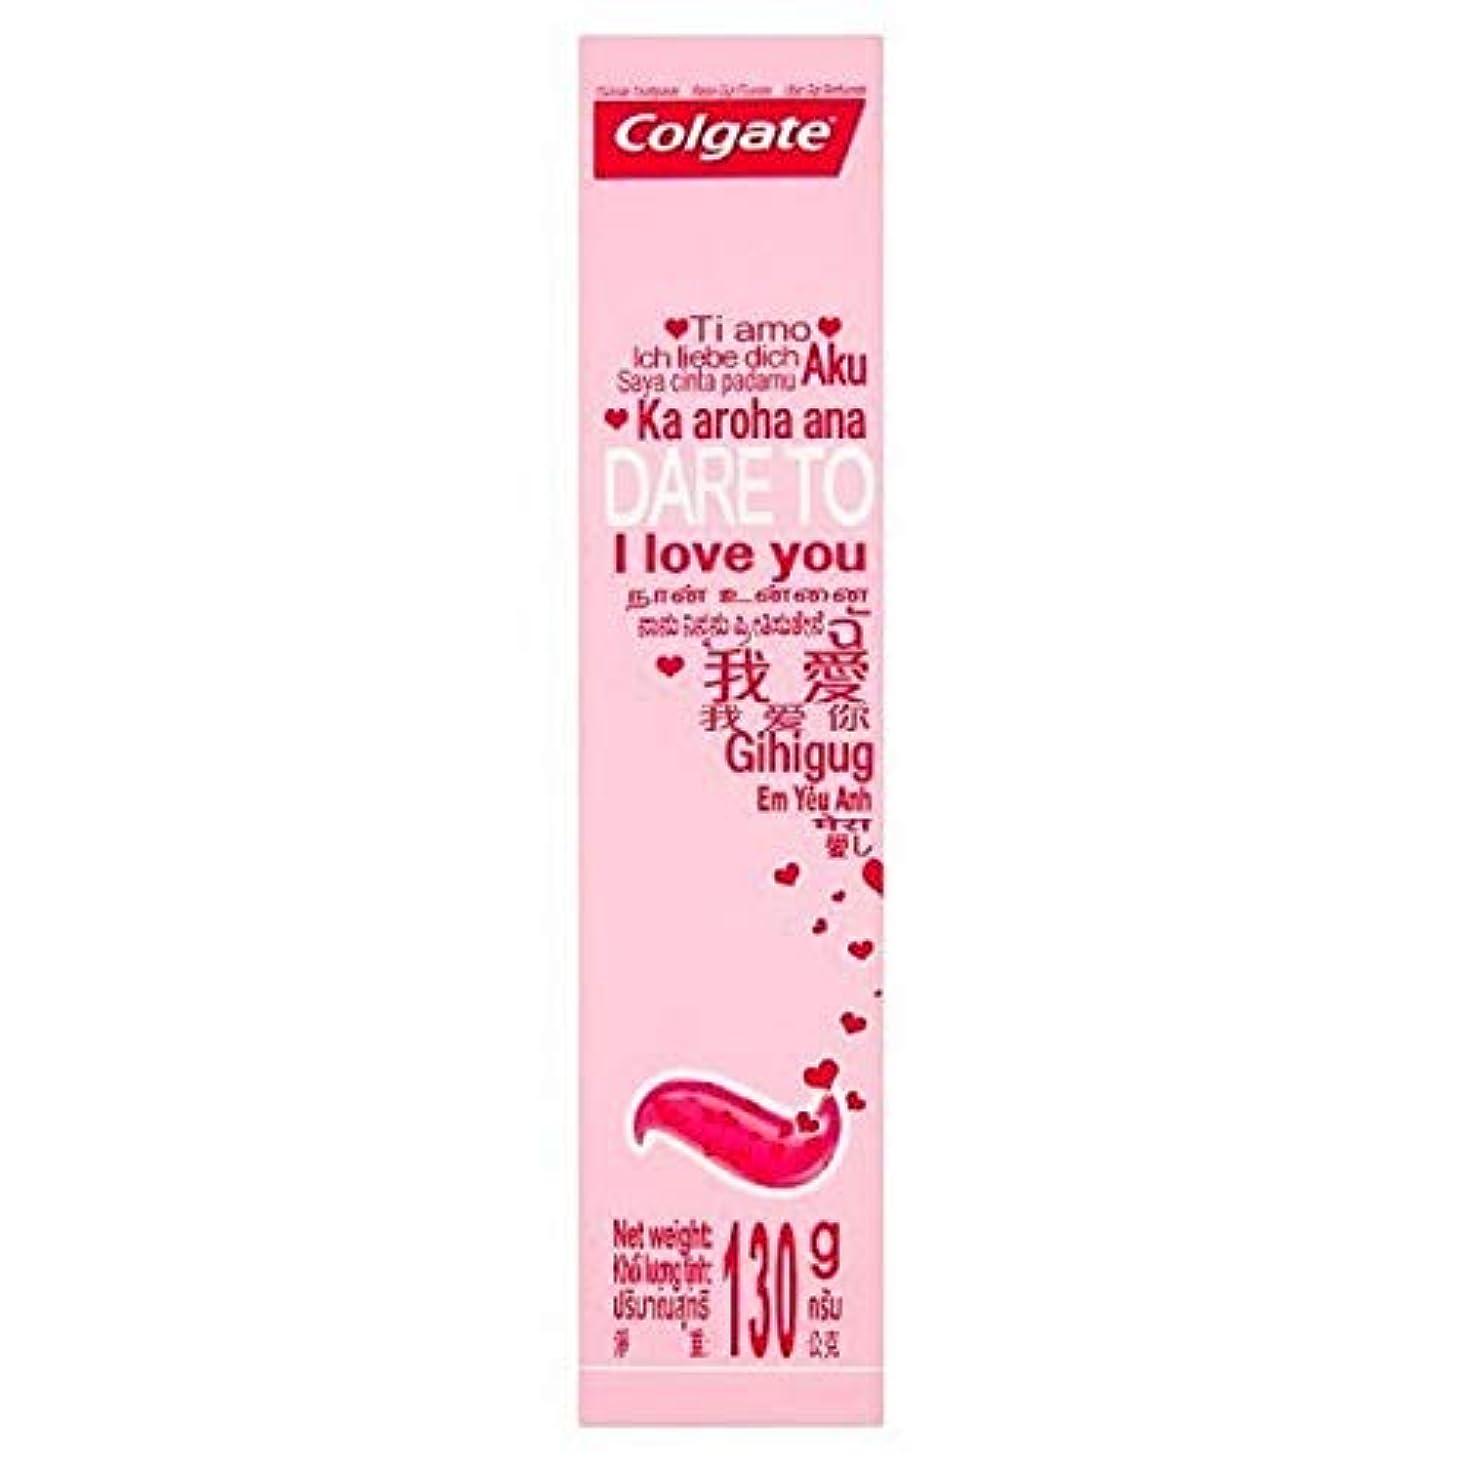 牛肉ブルーム倒産[Colgate ] コルゲートは、歯磨き粉の130グラムを愛することを敢えて - Colgate Dare To Love Toothpaste 130g [並行輸入品]